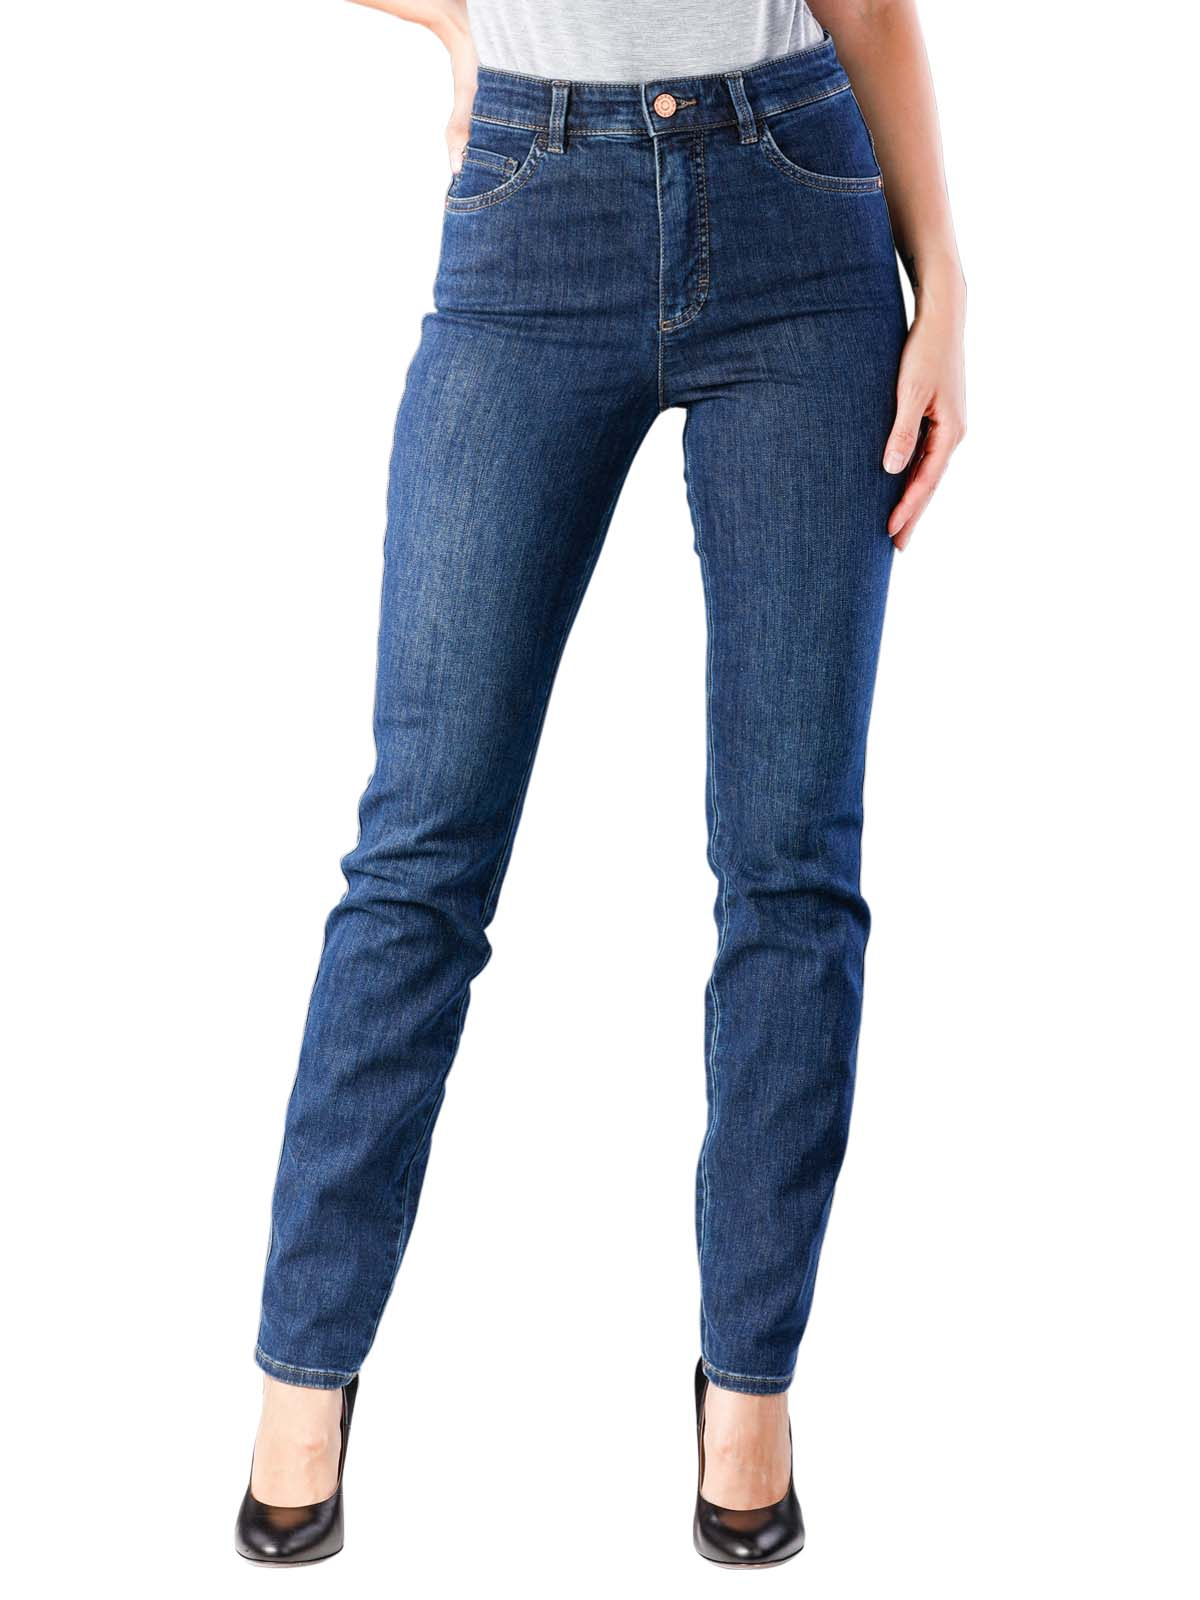 Discounter zum halben Preis letzte Veröffentlichung Rosner Audrey 1 Jeans blau W26/L30(34K)